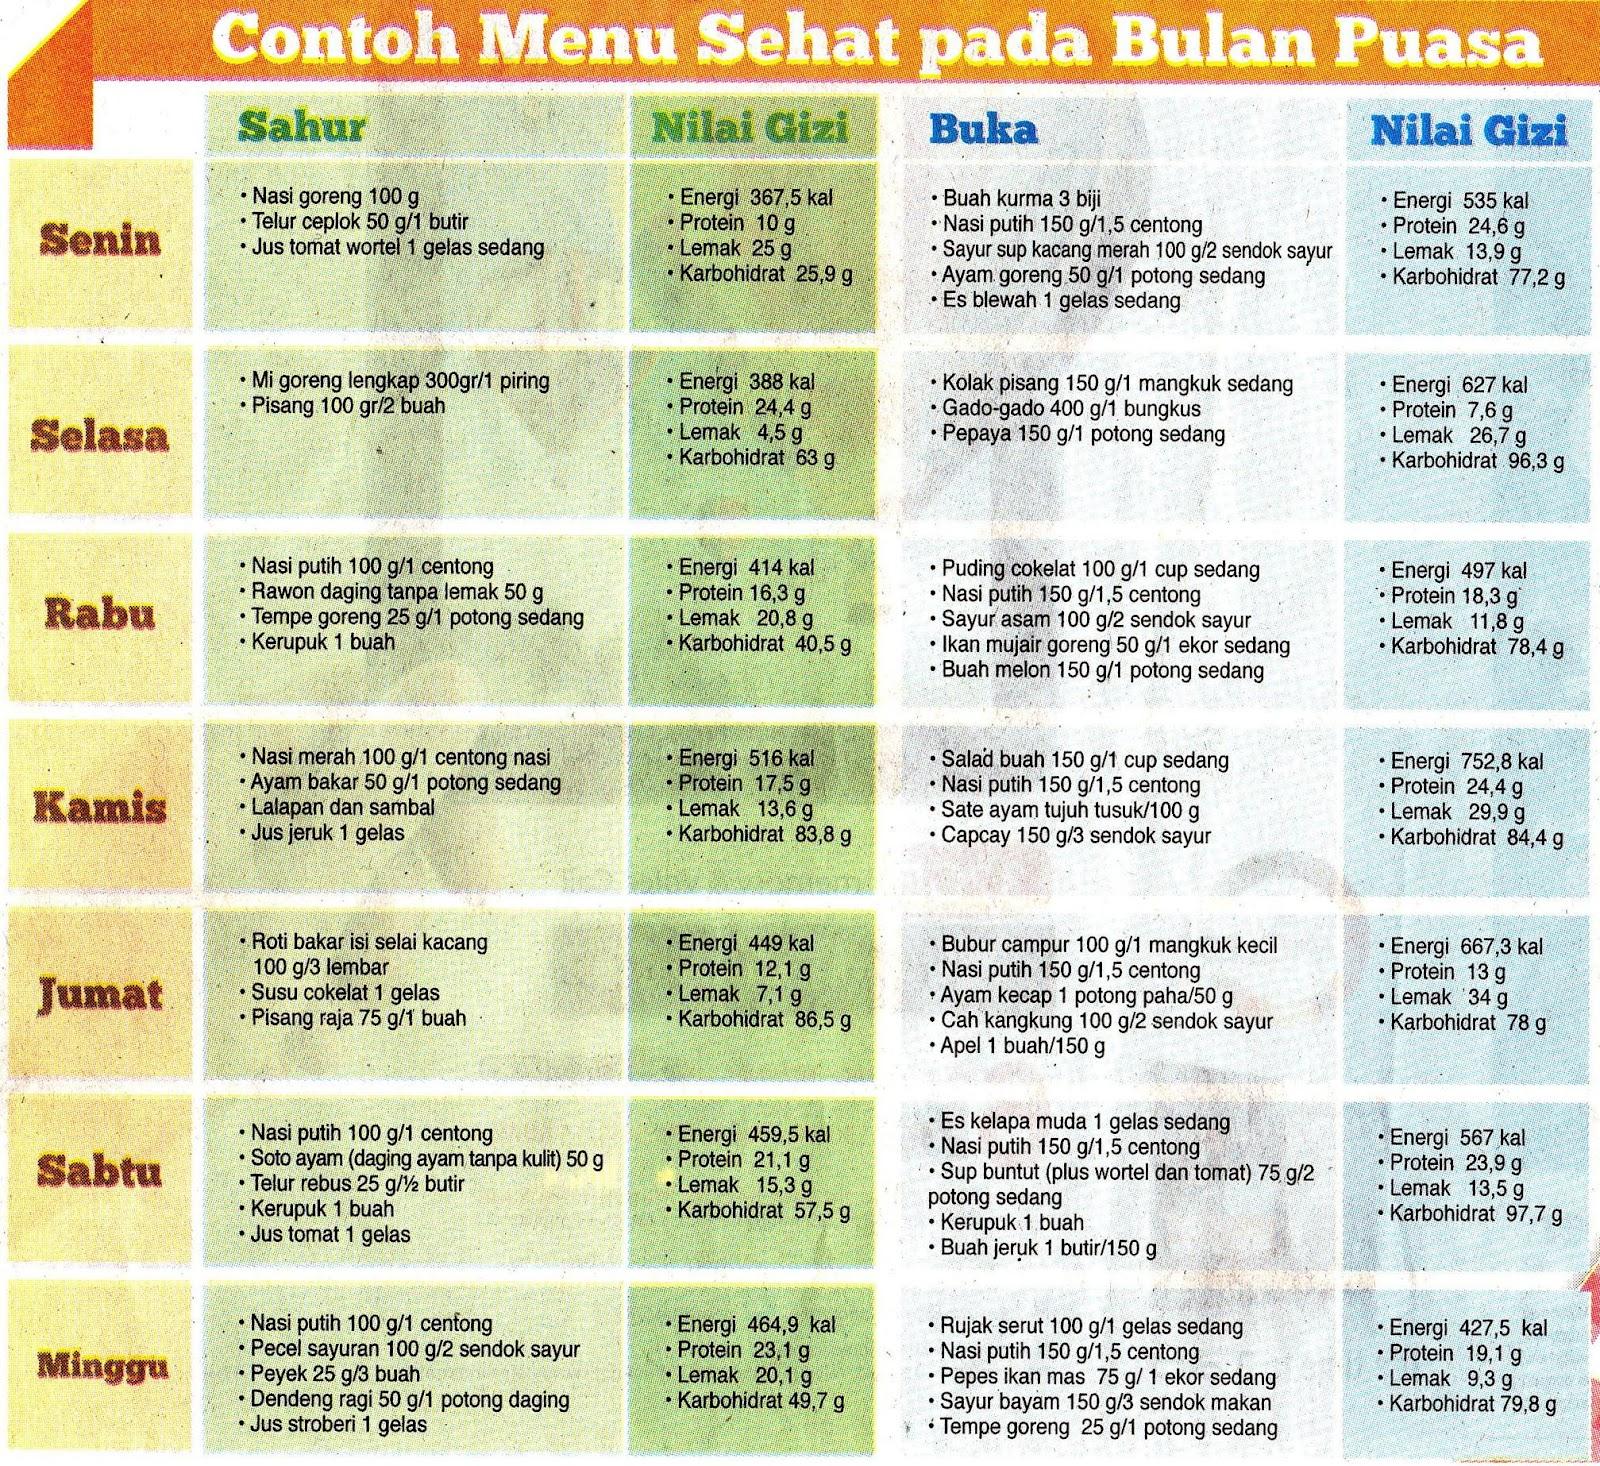 Bingung Cari Sarapan Pagi di Medan? Simak 10 Daftar Paling Recommended Ini!